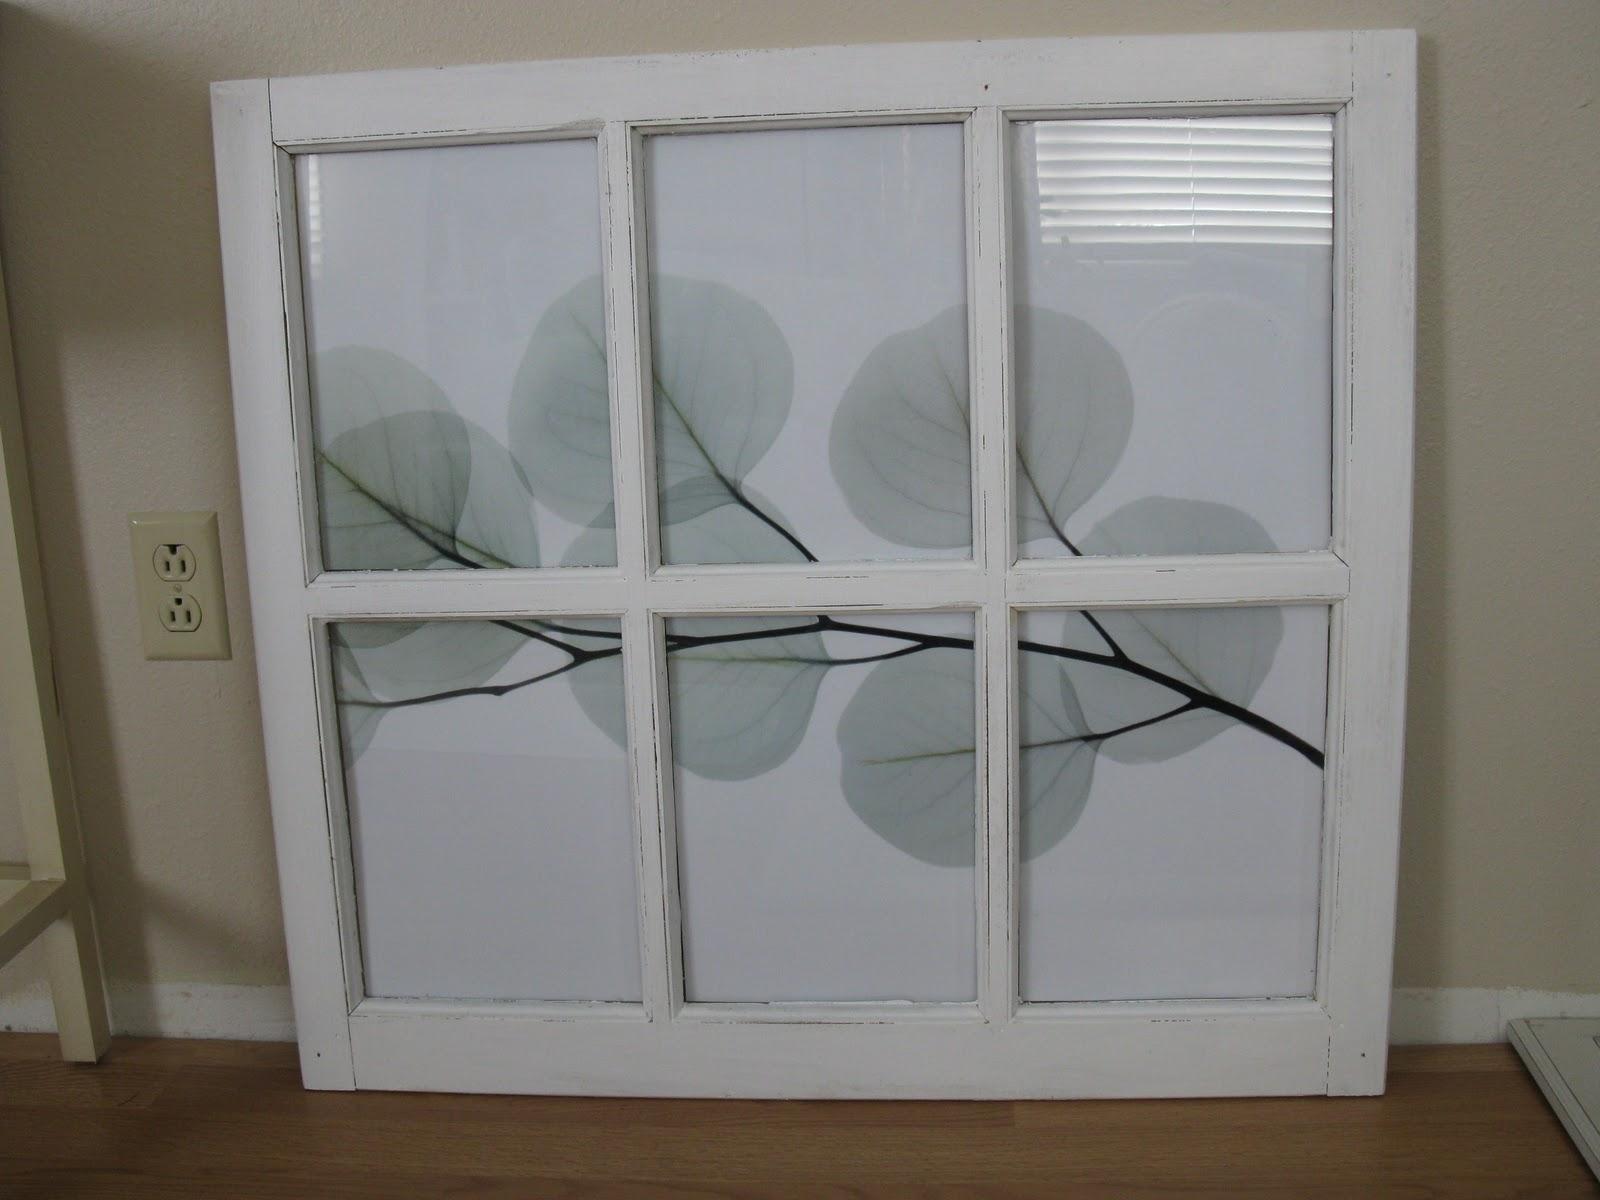 Make Window Frame Wall Art – Tierra Este | #43431 With Latest Window Frame Wall Art (Gallery 5 of 15)